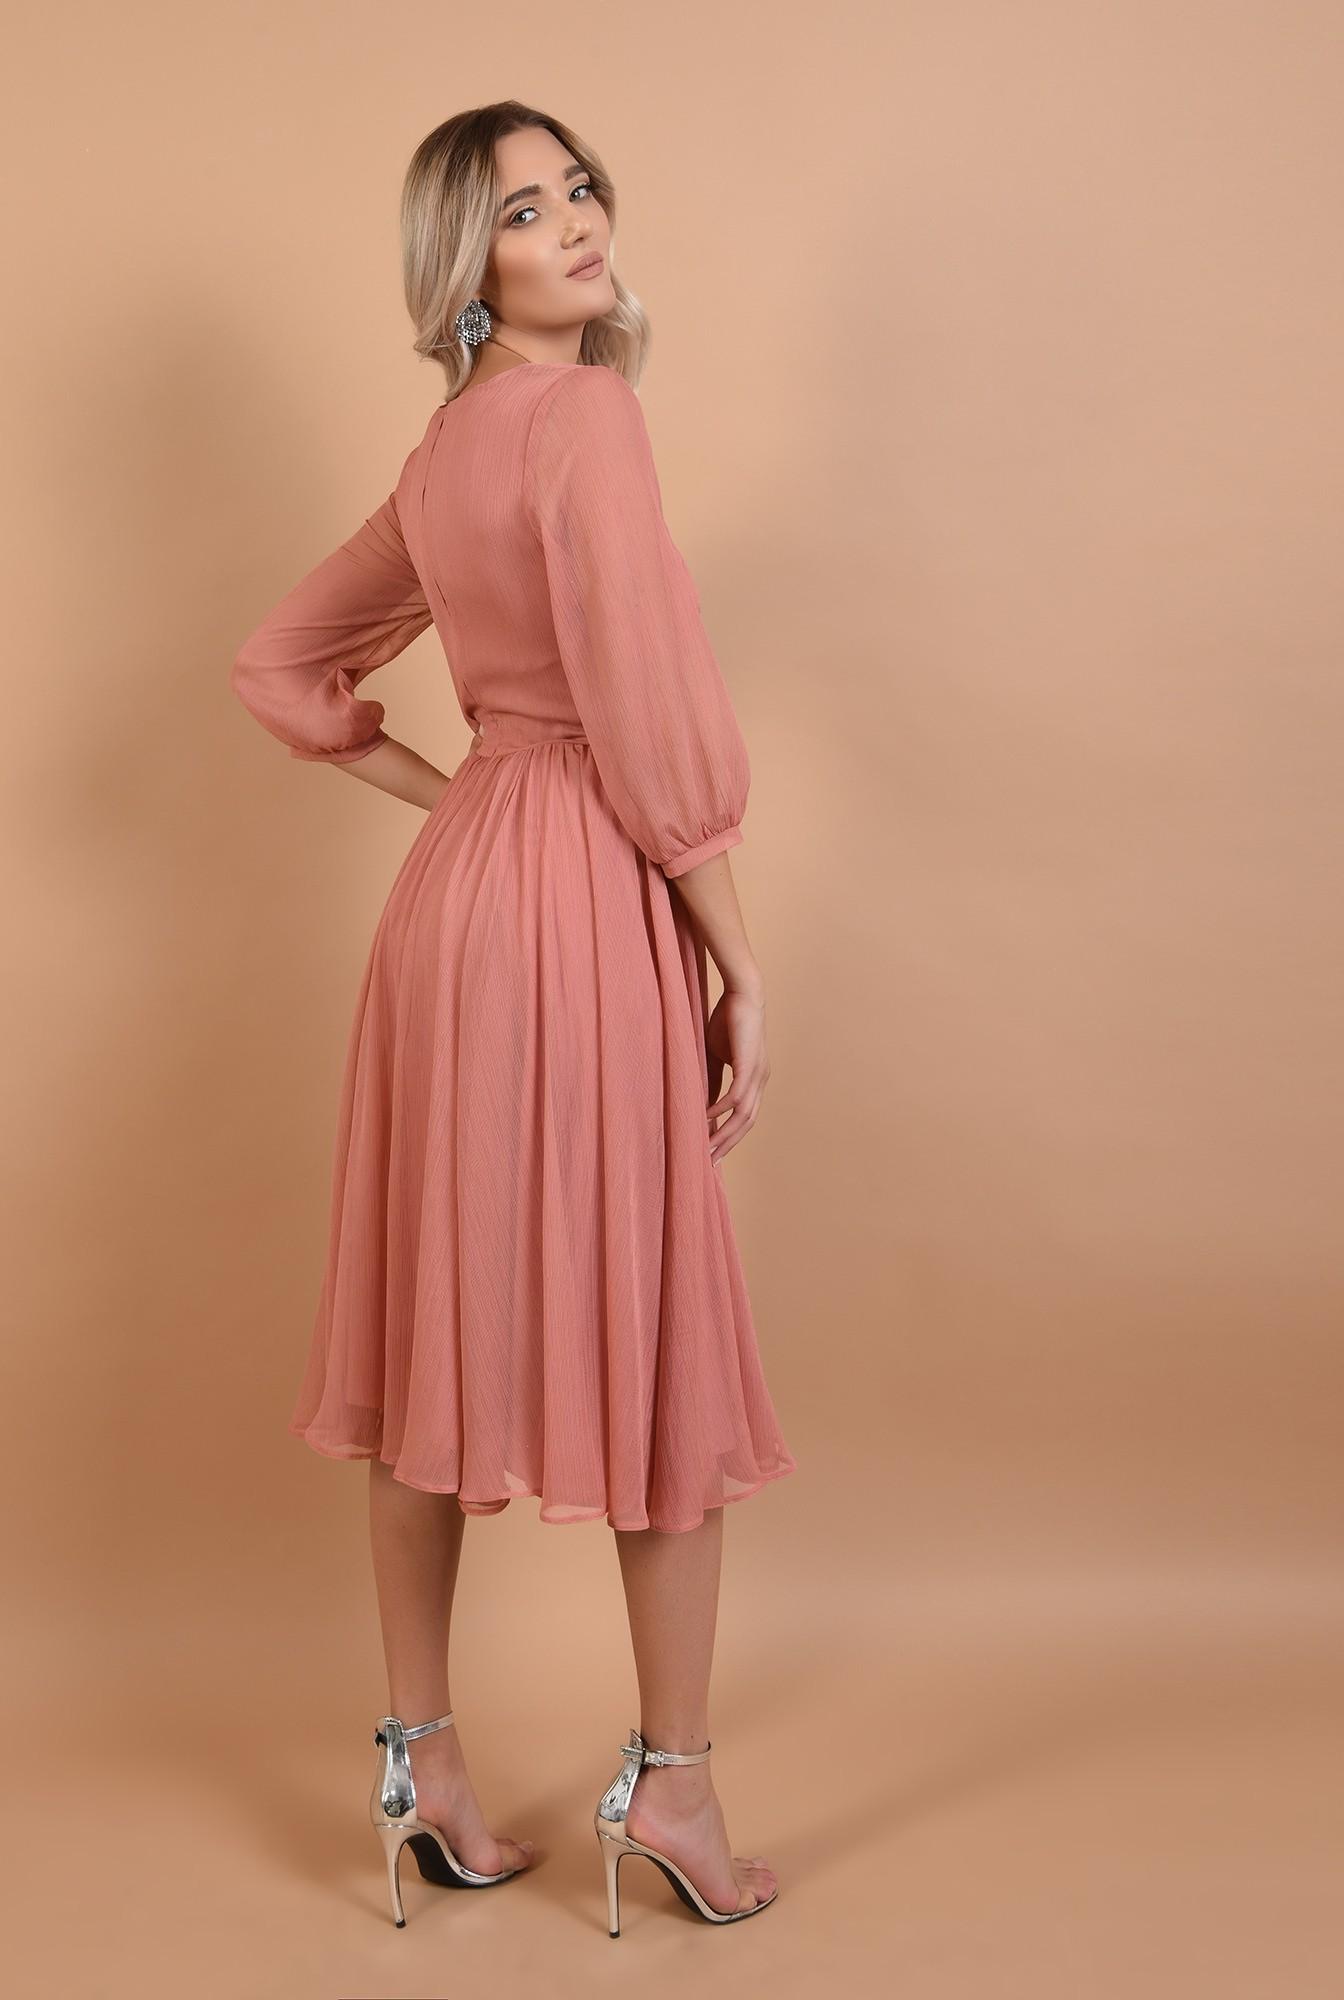 1 - rochie roz, de ocazie, midi, decolteu la baza gatului